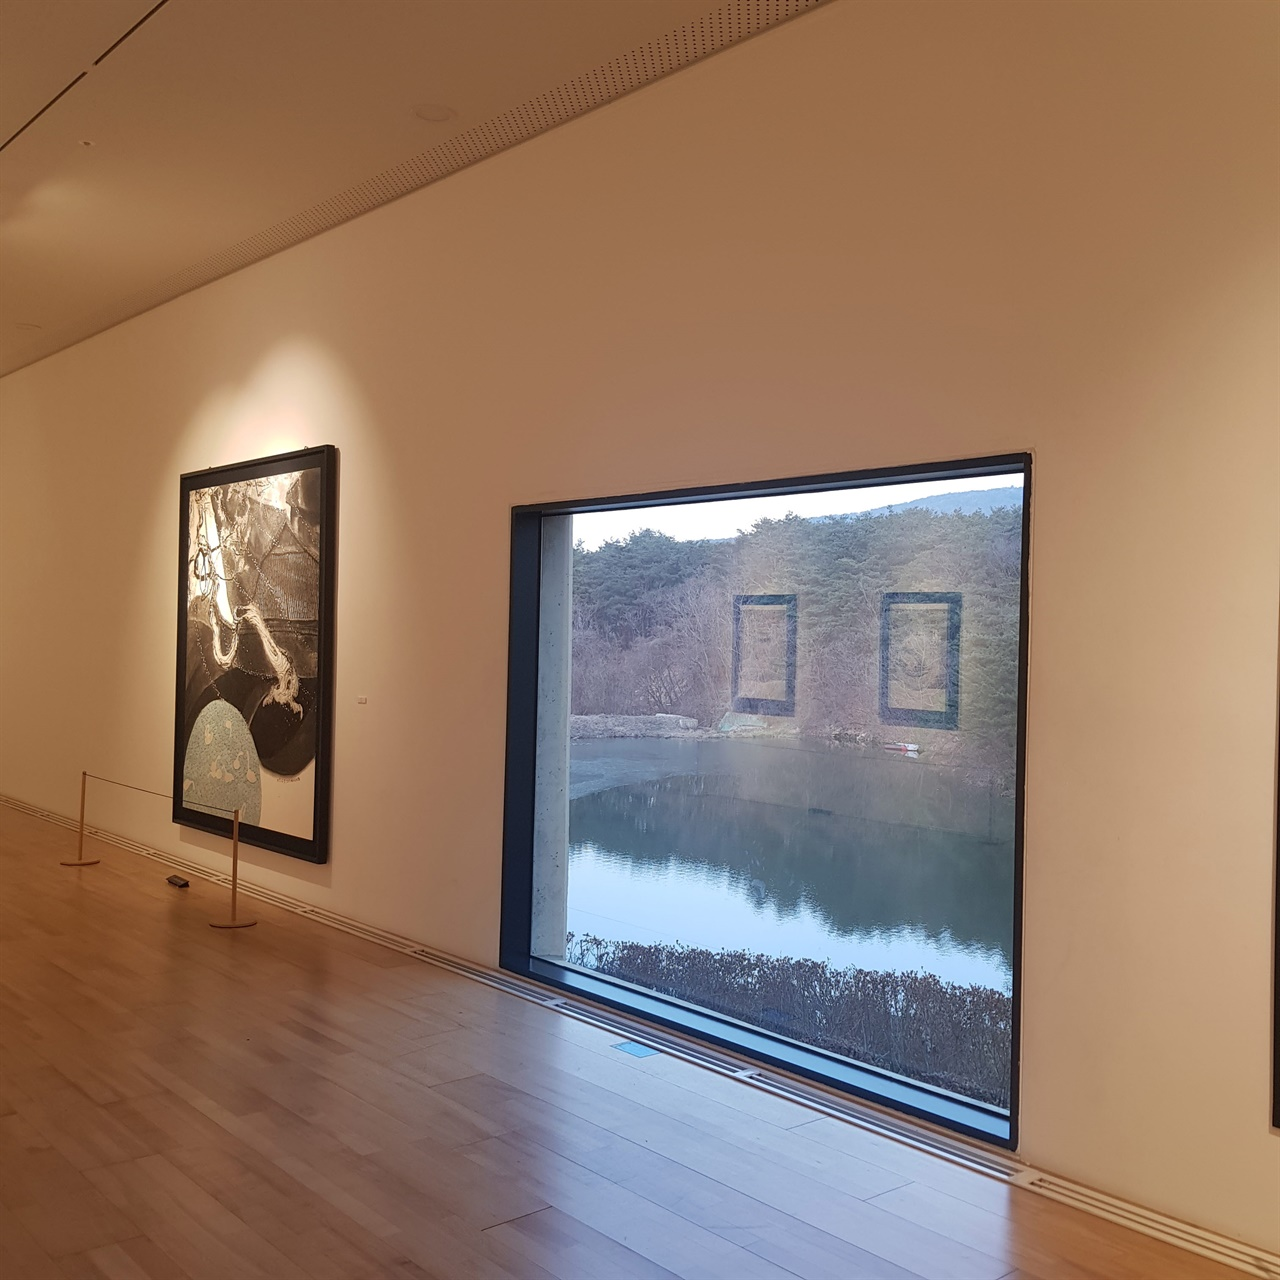 커다란 유리창으로 창 밖 풍경이 그대로 한 폭의 그림이 되는 솔거미술관, 이 풍경에 이끌려 솔거미술관을 찾게 됐다